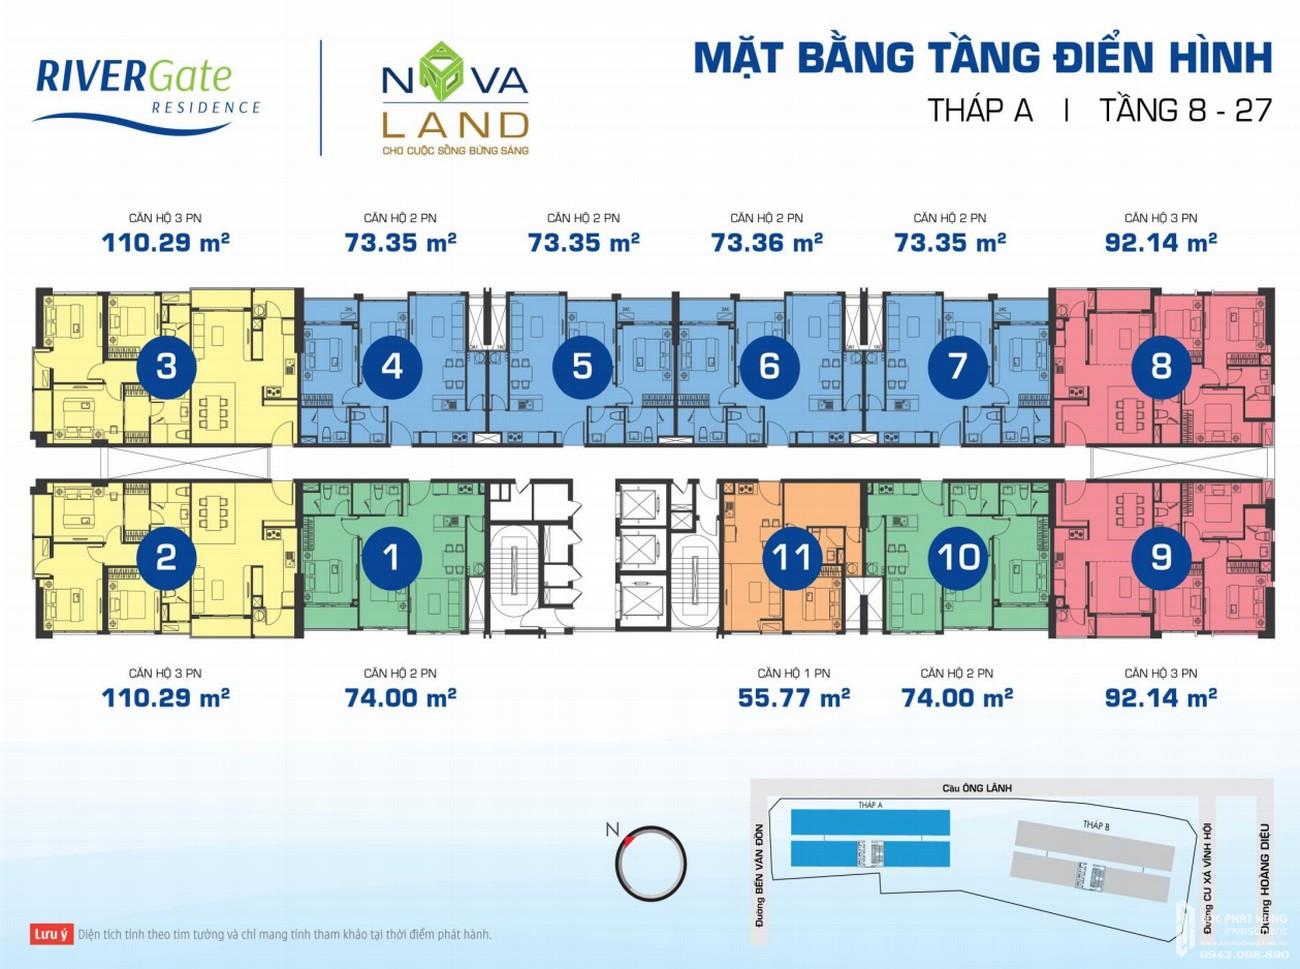 Mặt bằng dự án căn hộ chung cư Rivergate Residence Quận 4 Đường Bến Vân Đồn chủ đầu tư Novaland